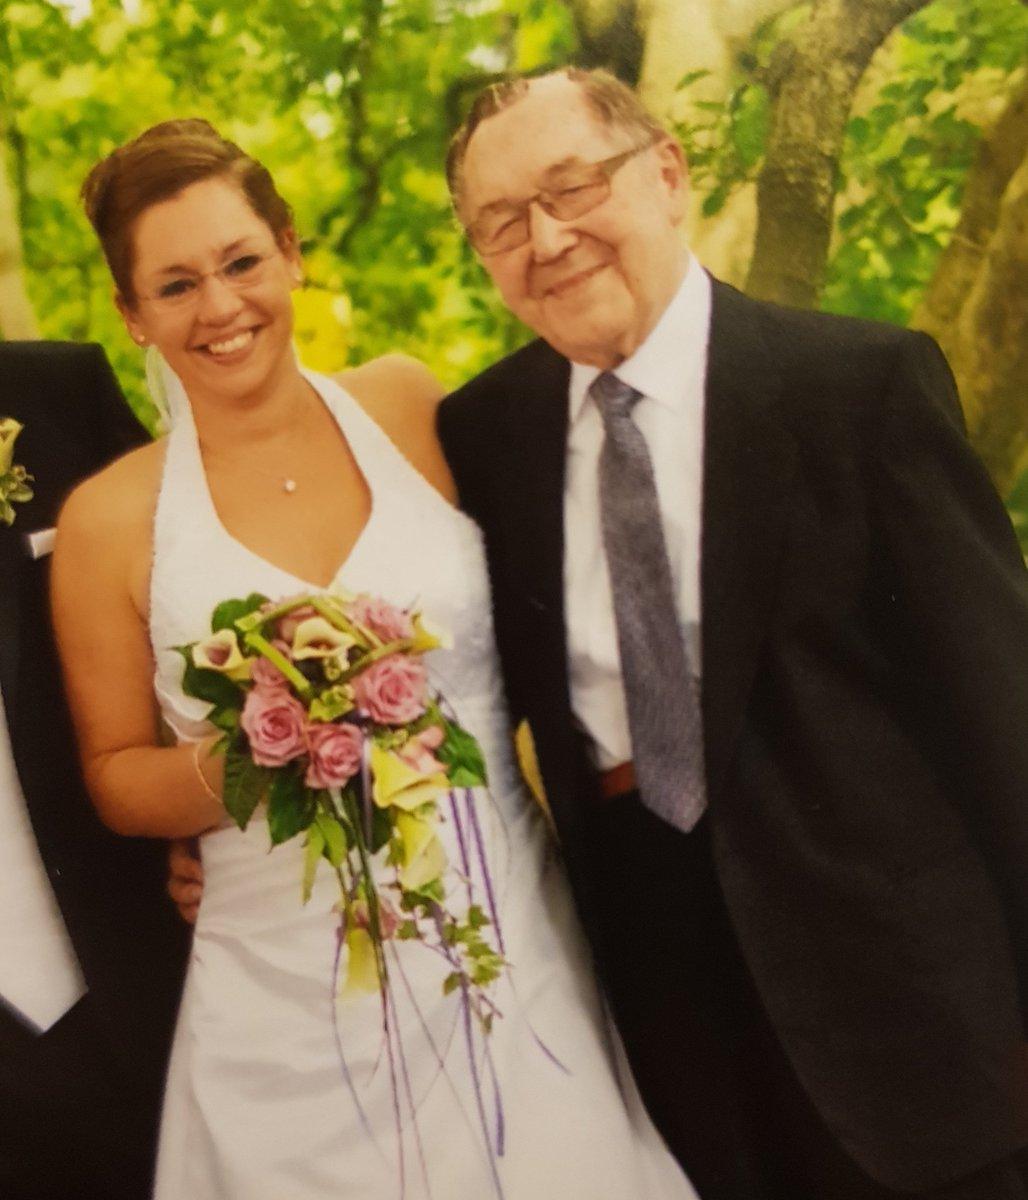 An manchen Tagen fehlst Du mir besonders laut. Heute ist so ein Tag. Ich hab Dich so lieb, Opa.  #4jahre #besteropaderganzenwelt #ichvermissedich